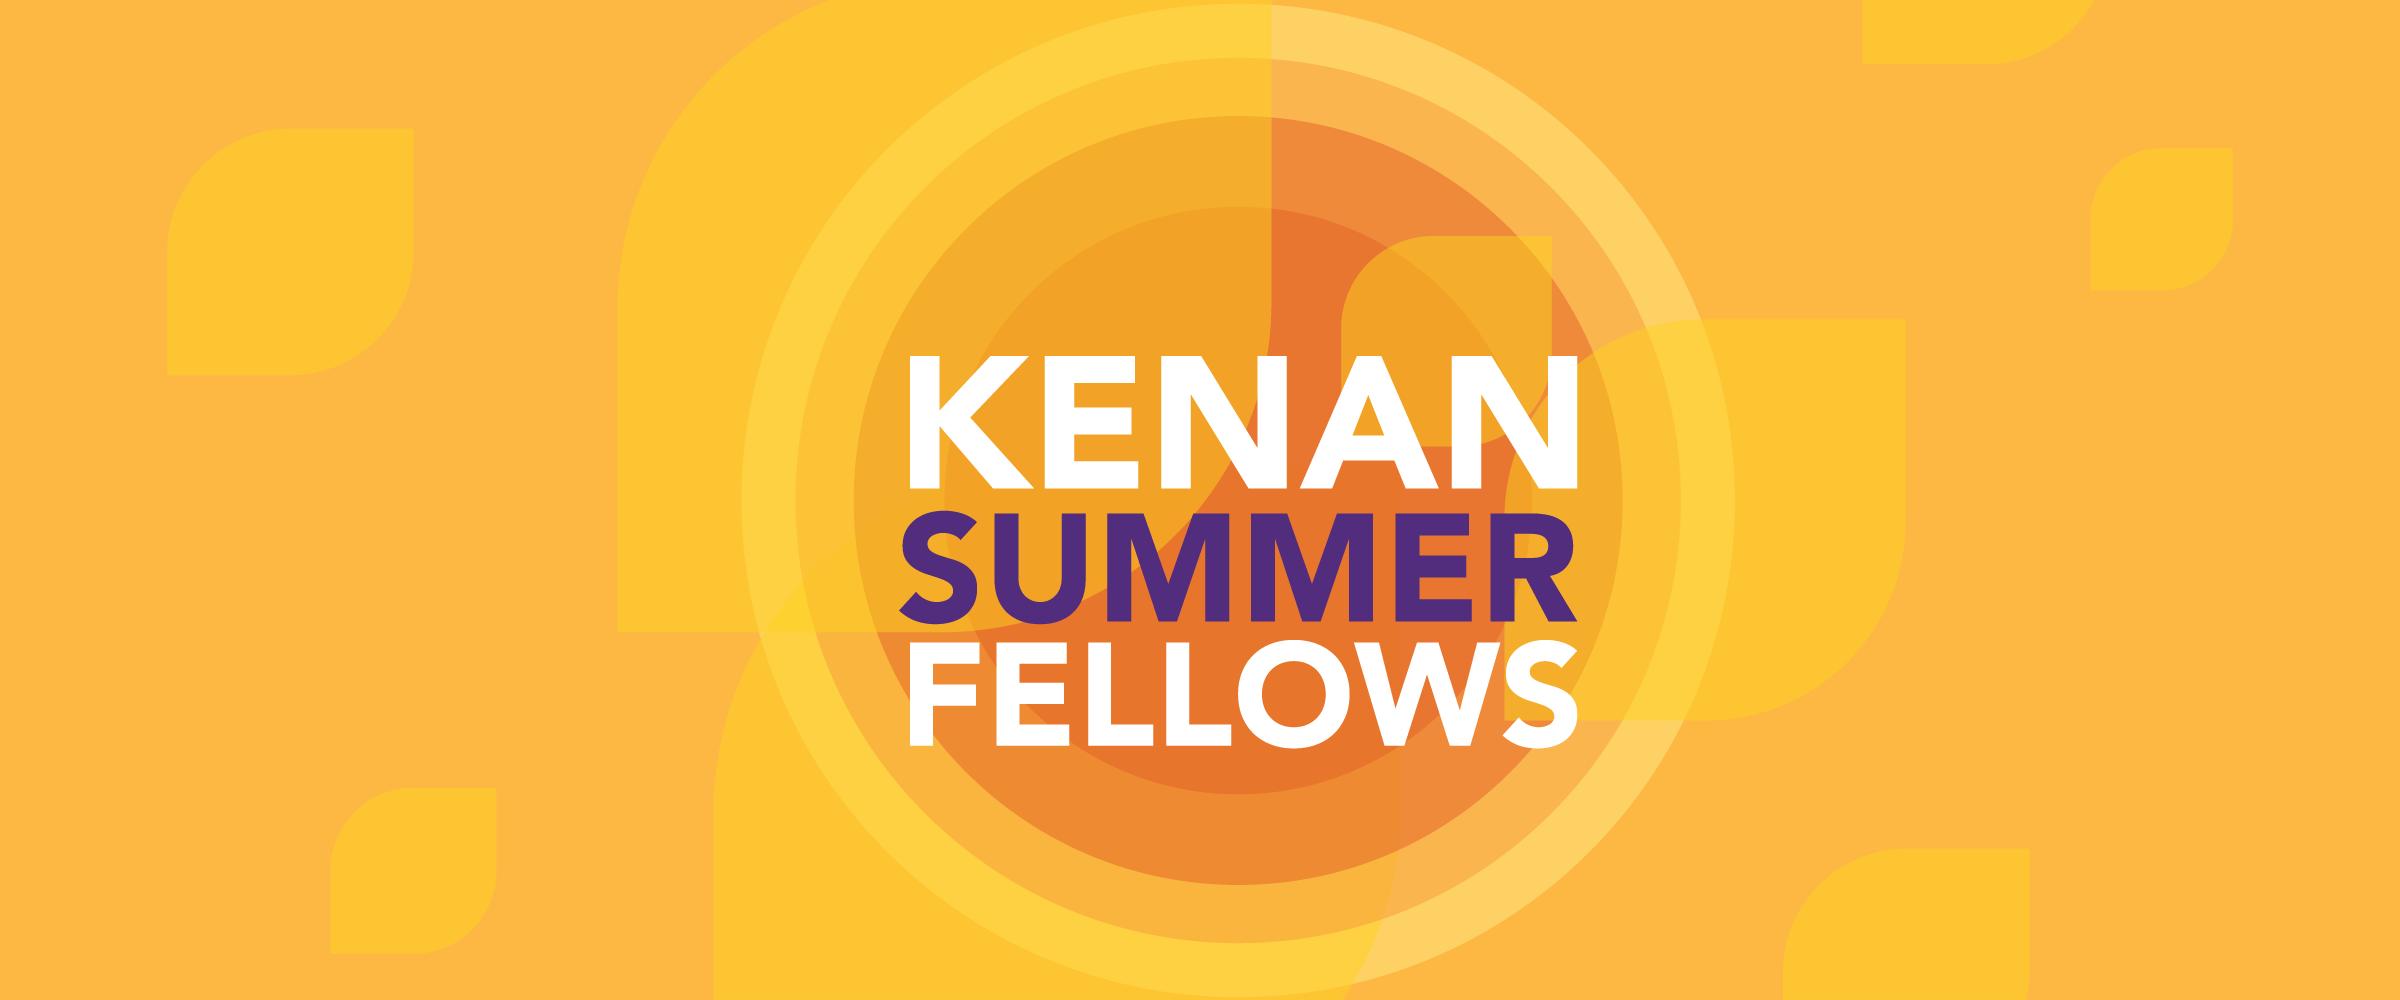 2021 Kenan Summer Fellowship Applications Open